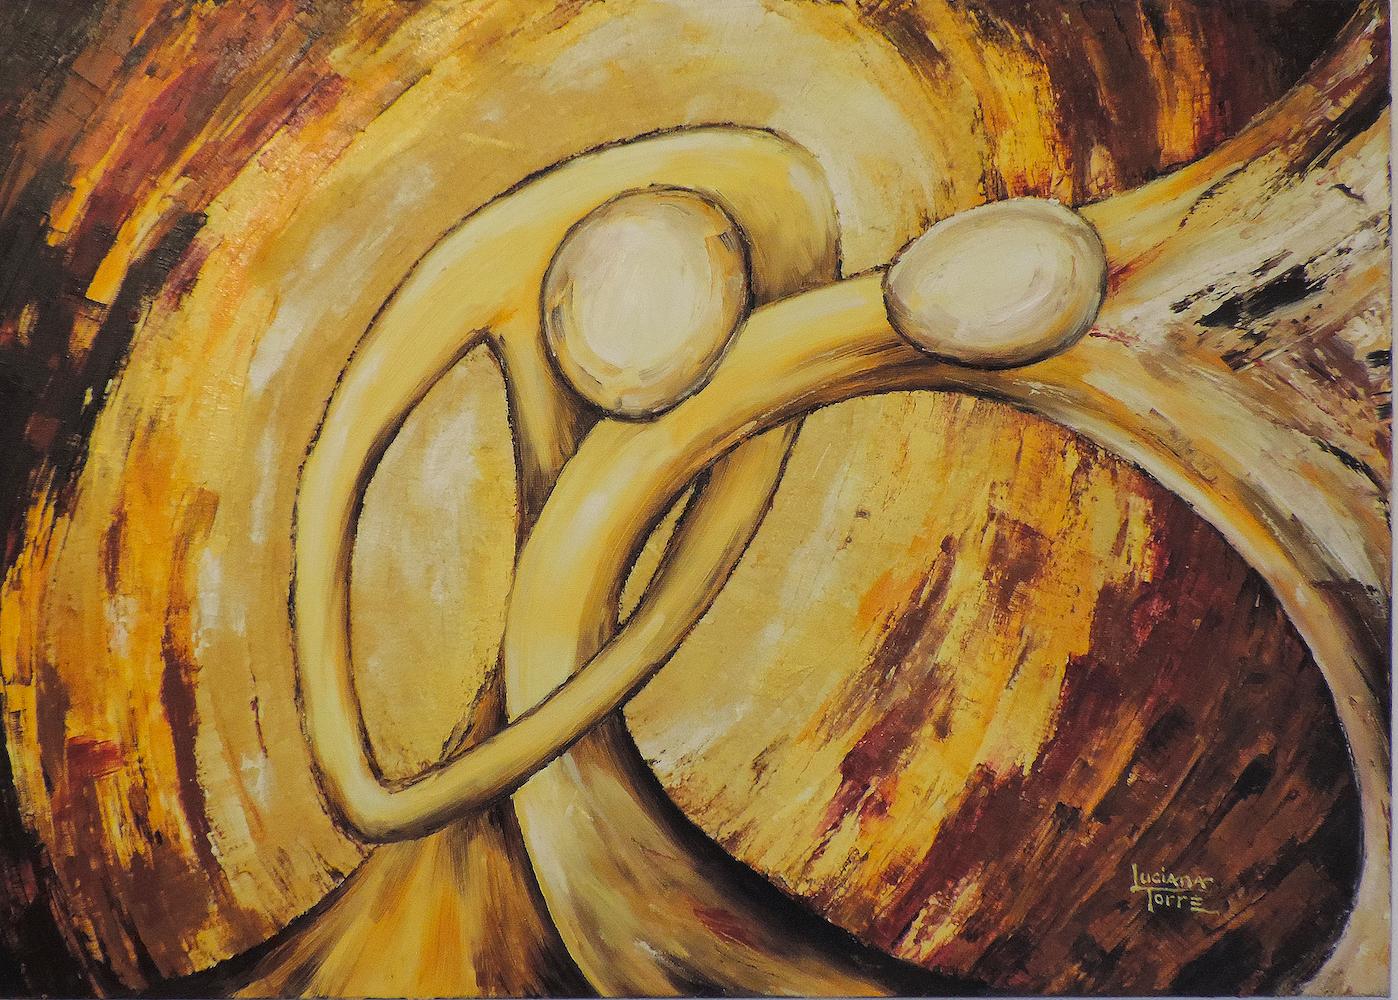 Pittura sul tango argentino dell'artista Luciana Torre. Quadro della serie 'Danza leggera nel vento'. Olio su tela. Opera unica. Provisto d'attaccatura pronto da appendere. Misure 50 x 70 cm. €110,00 Ho voluto raffigurare i gesti complici caratteristici del tango argentino, privilegiando il profondo senso di reciprocità che lega i ballerini di arrabal. La stilizzazione delle figure, le linee curve e cariche di texture, la scelta di colori caldi e vivaci, risaltano la sinergia acompassata della danza tanghera. Trovi la serie completa su https://lucianatorre.com/shop/mandala-tango/